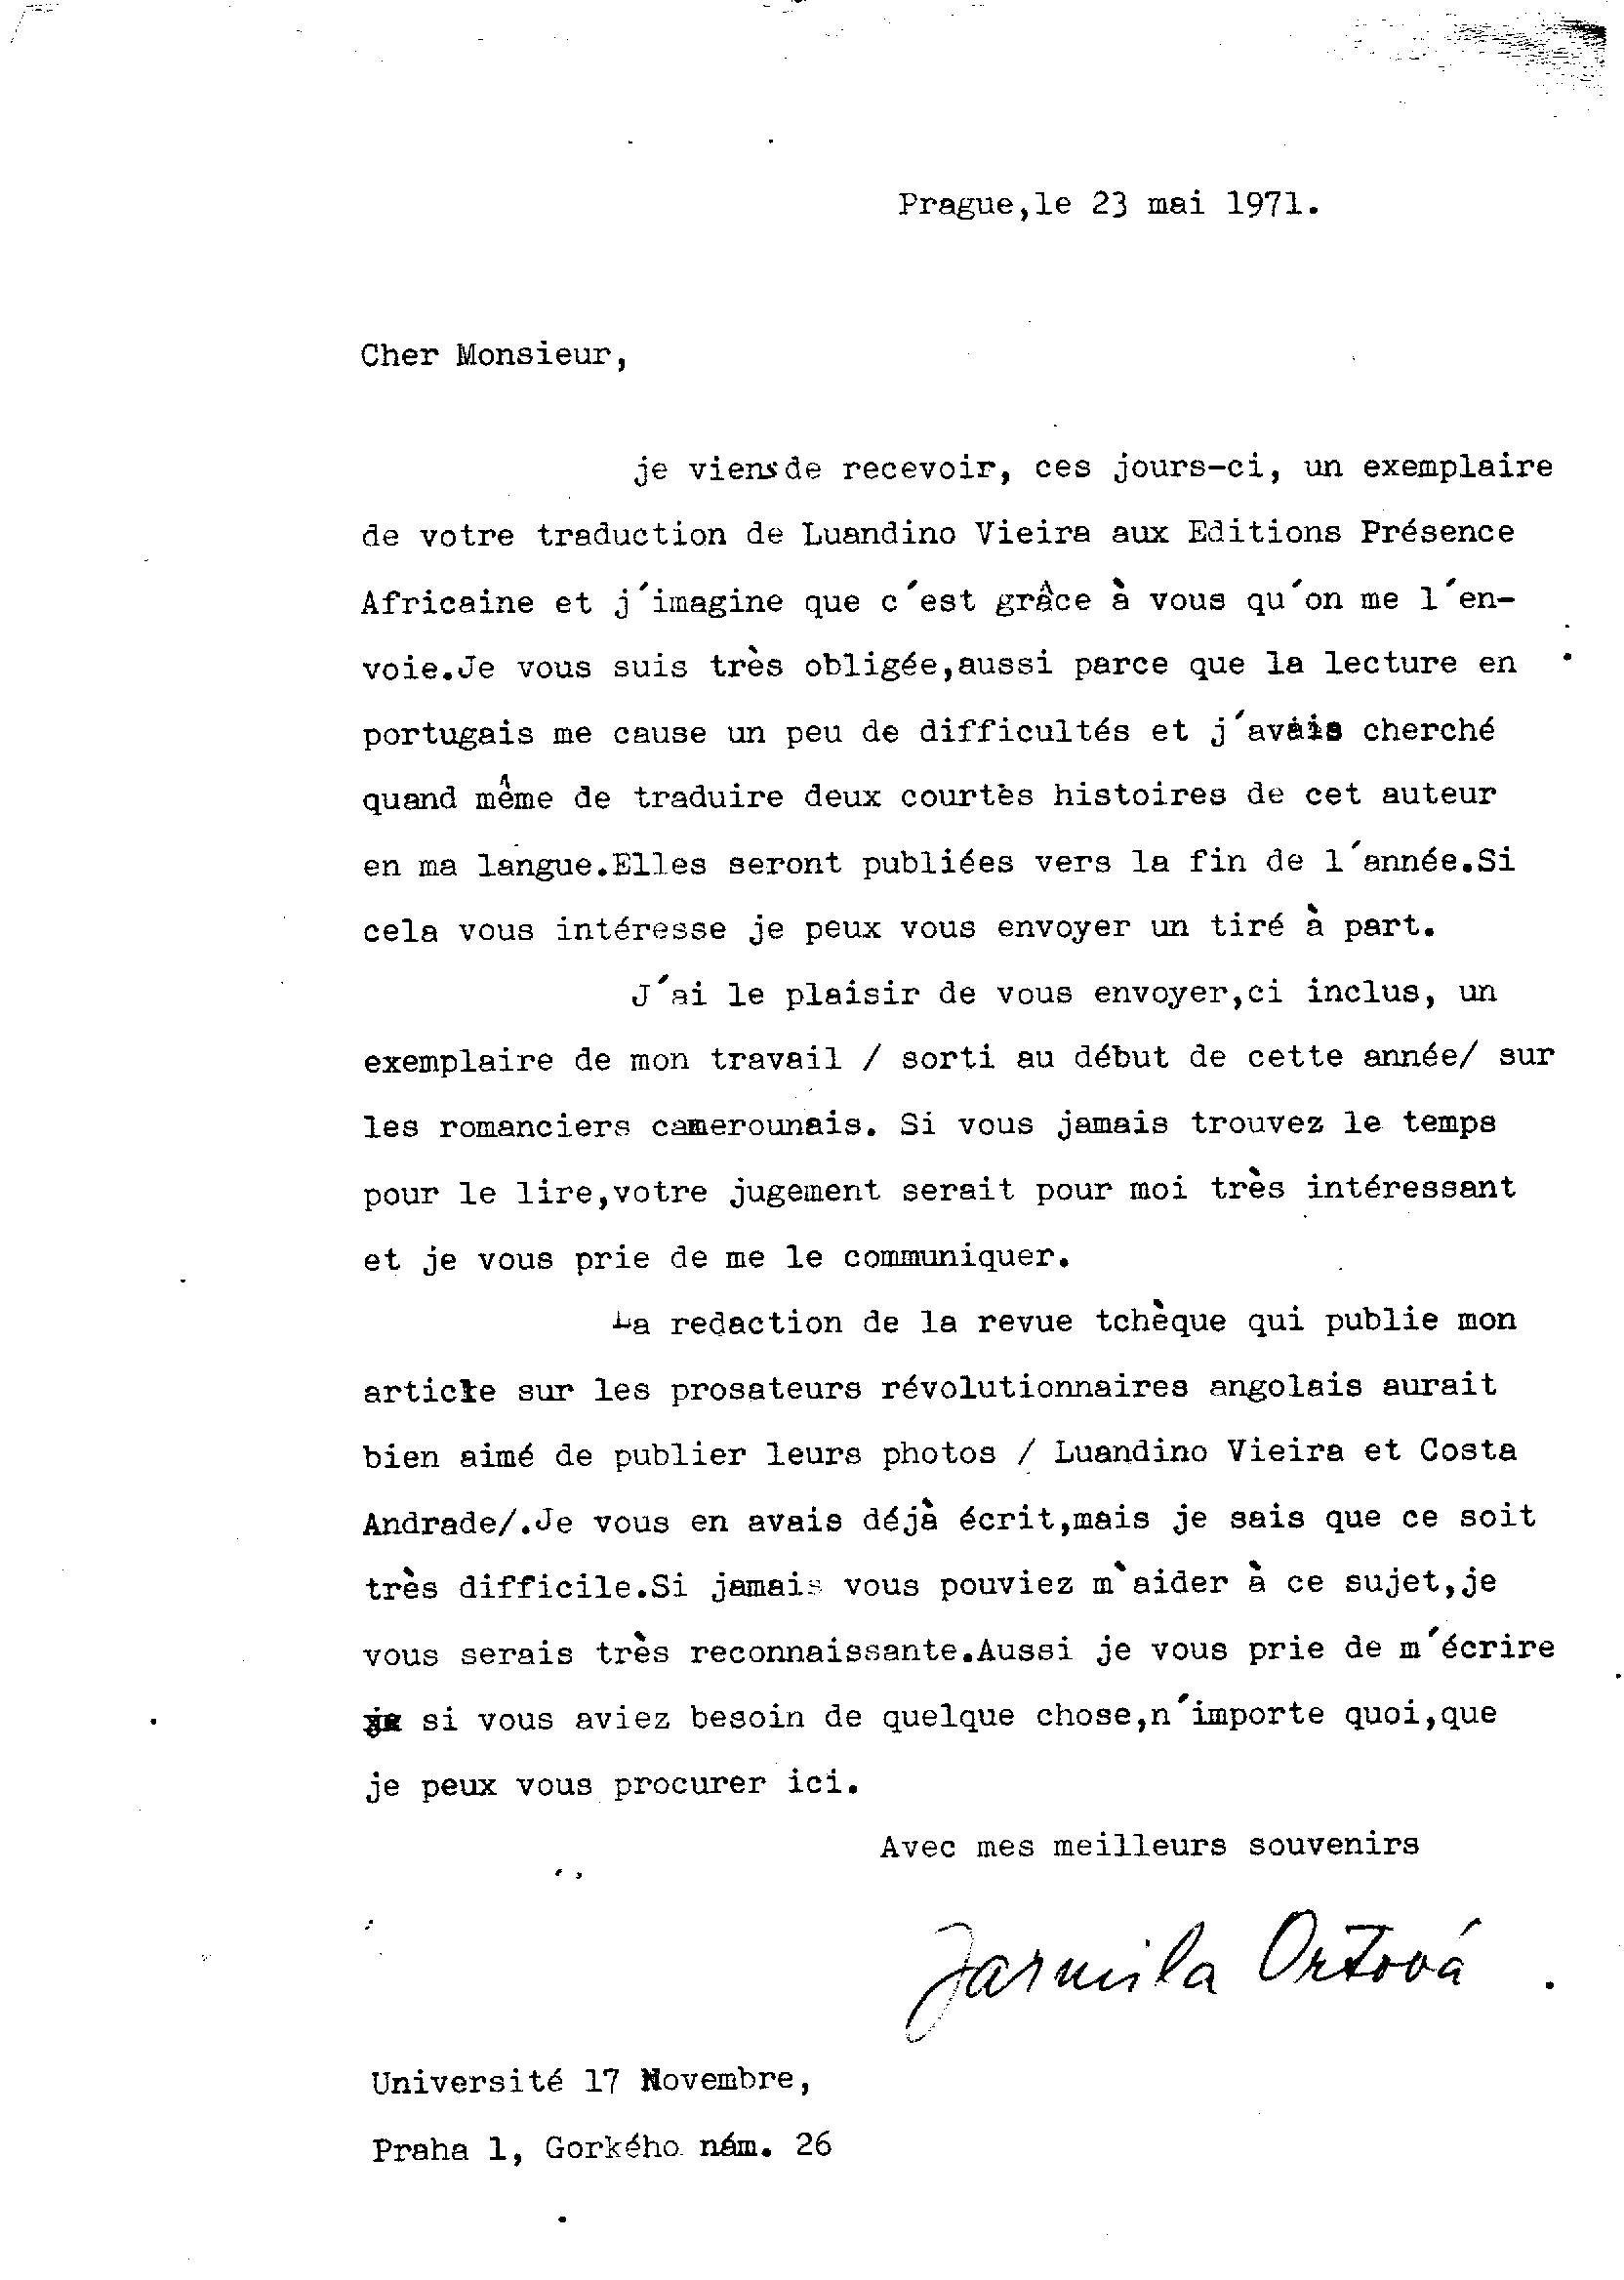 04311.004.025- pag.1